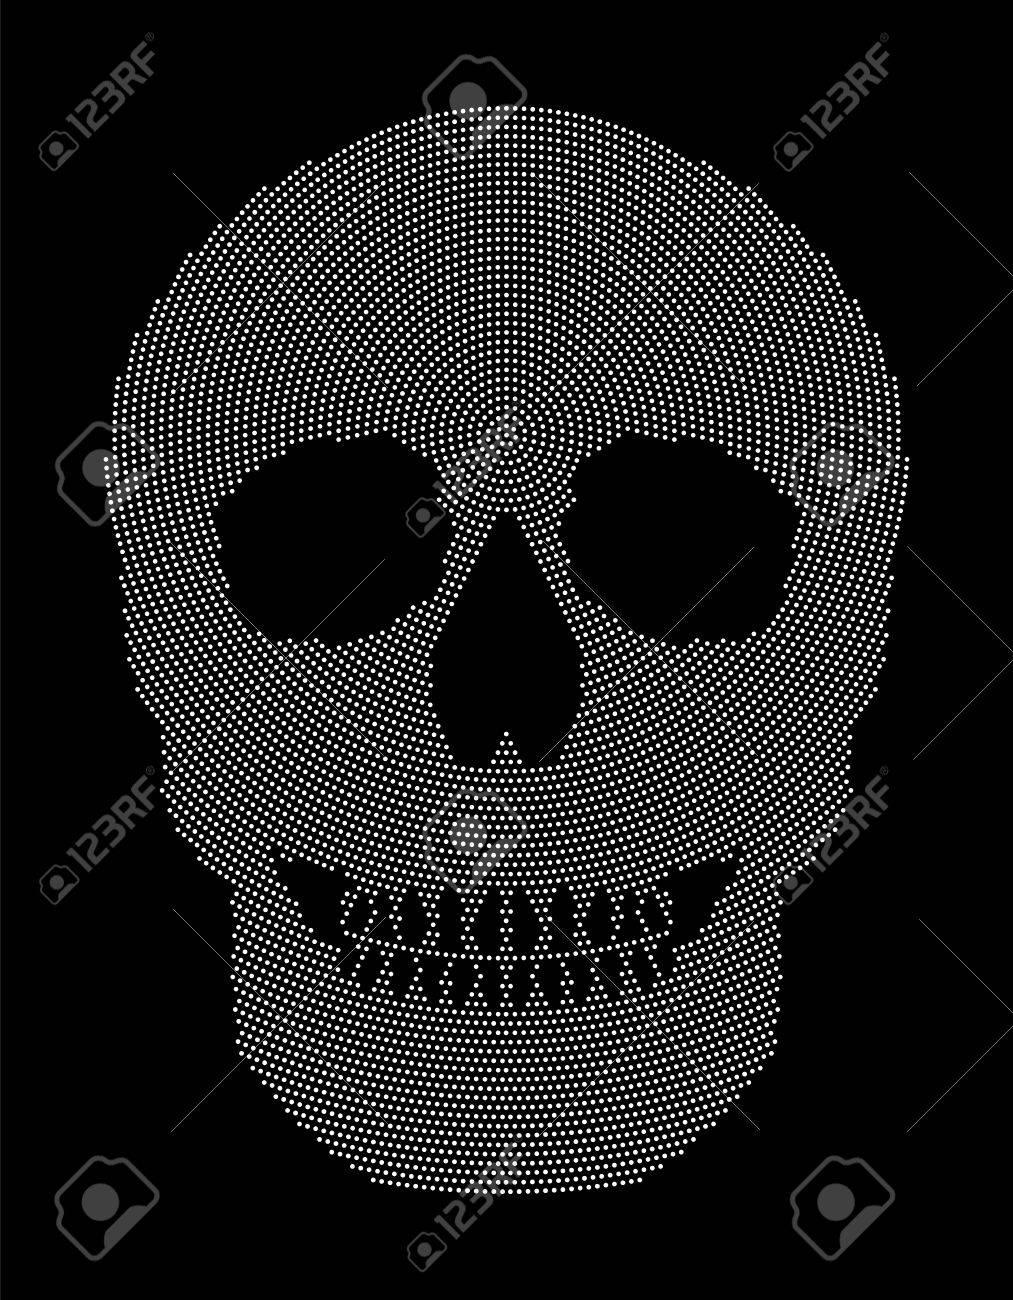 Cráneo Del Modelo De Punto Radial. Símbolo De La Estructura ósea De ...